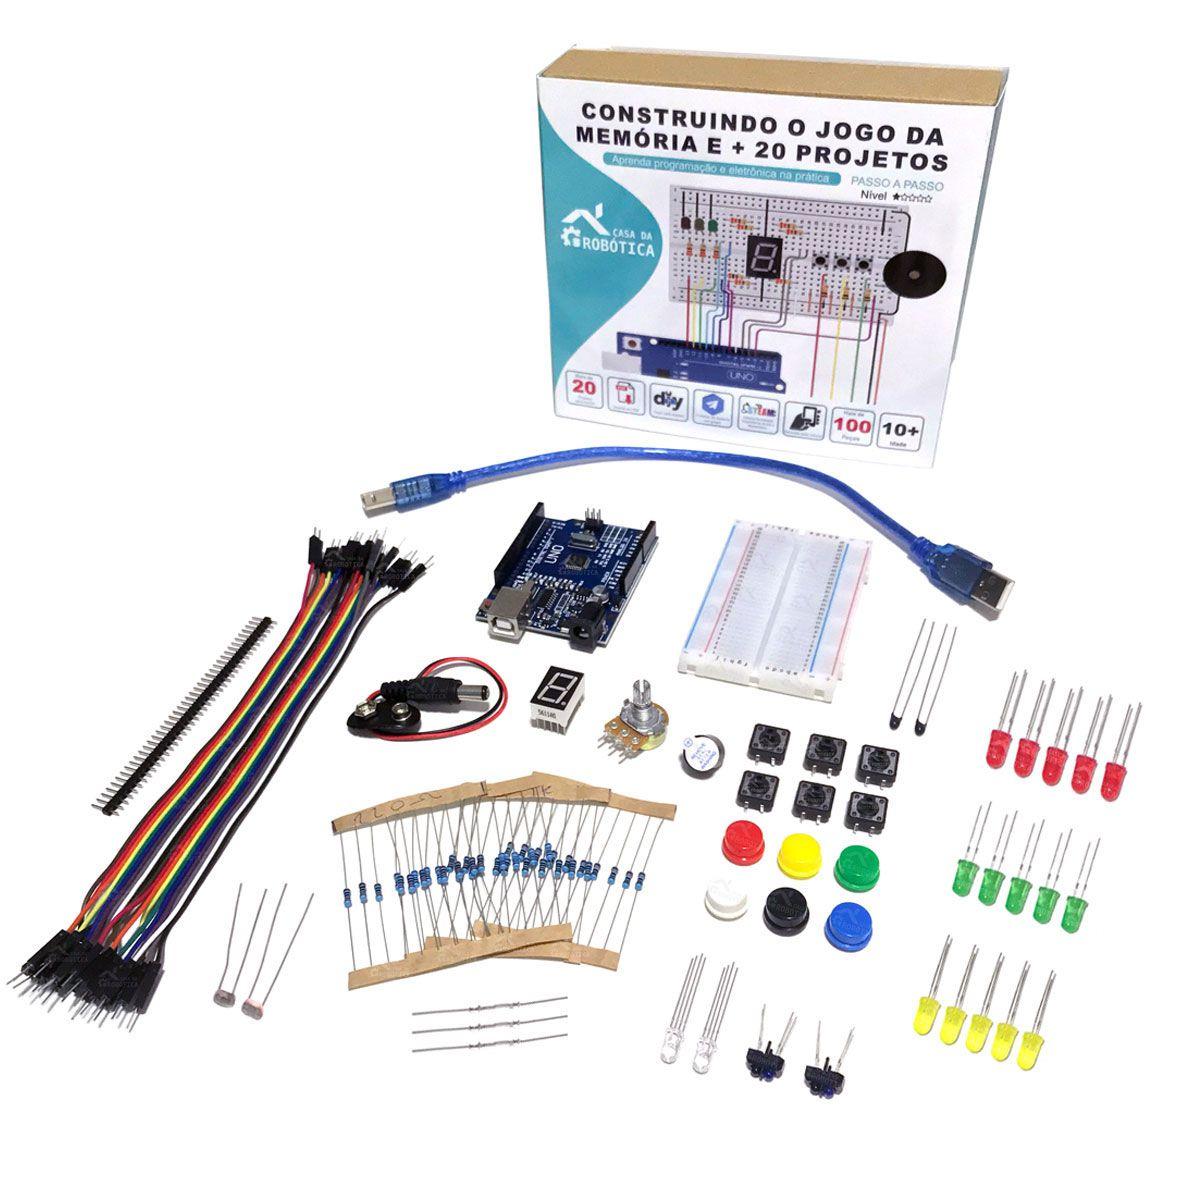 Kit Iniciante para Arduino com Tutorial - Construindo o Jogo da Memória e + 20 Projetos!